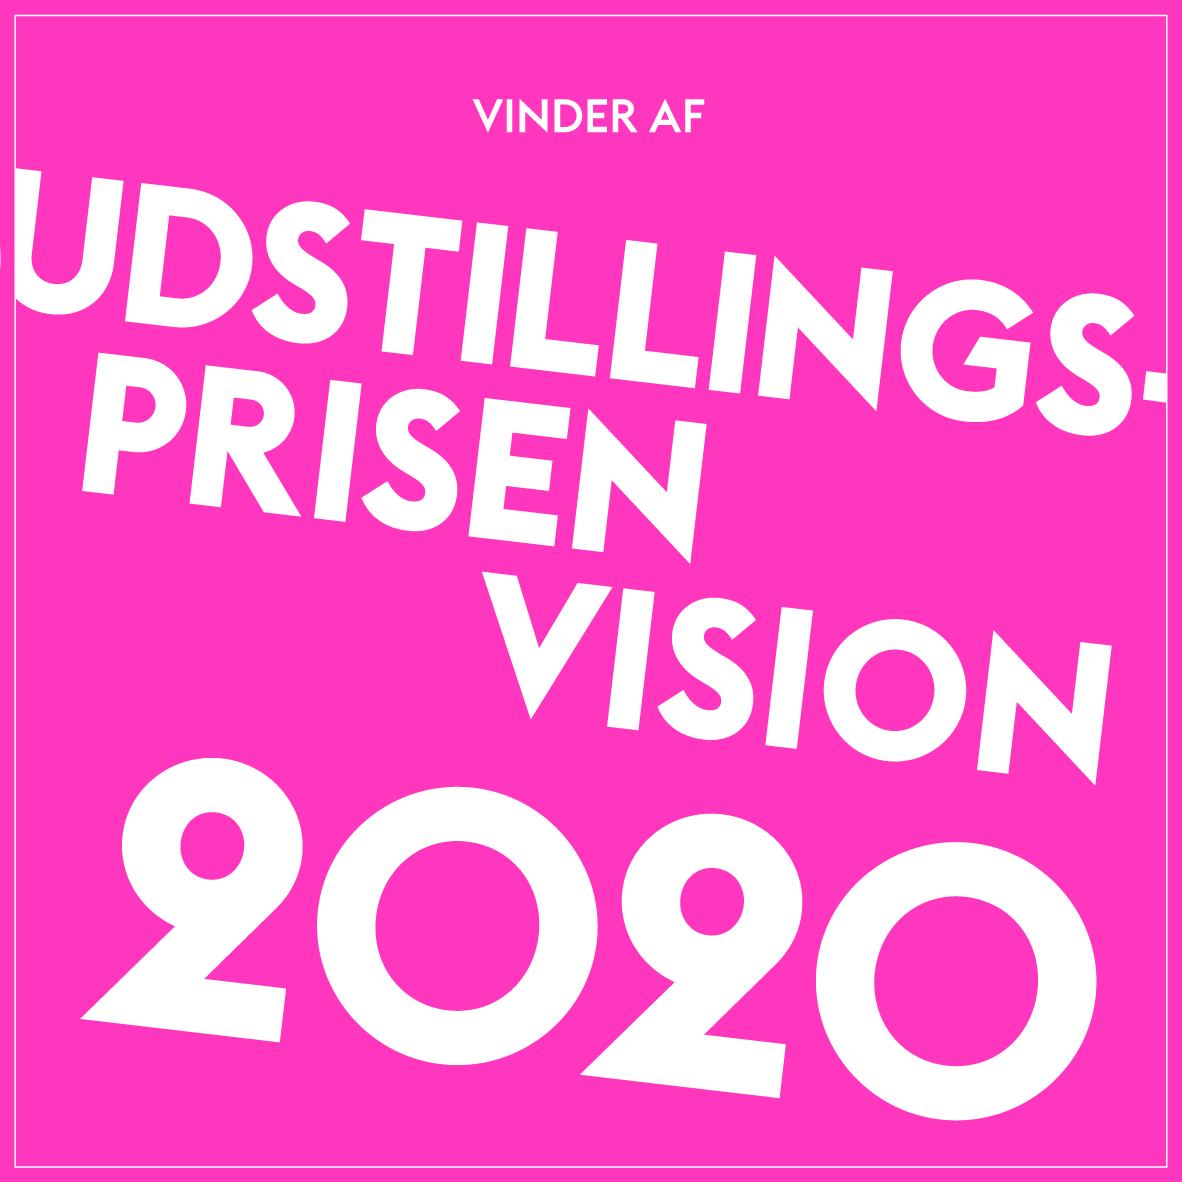 Kunsthal Rønnebæksholm vinder Udstillingsprisen Vision 2020